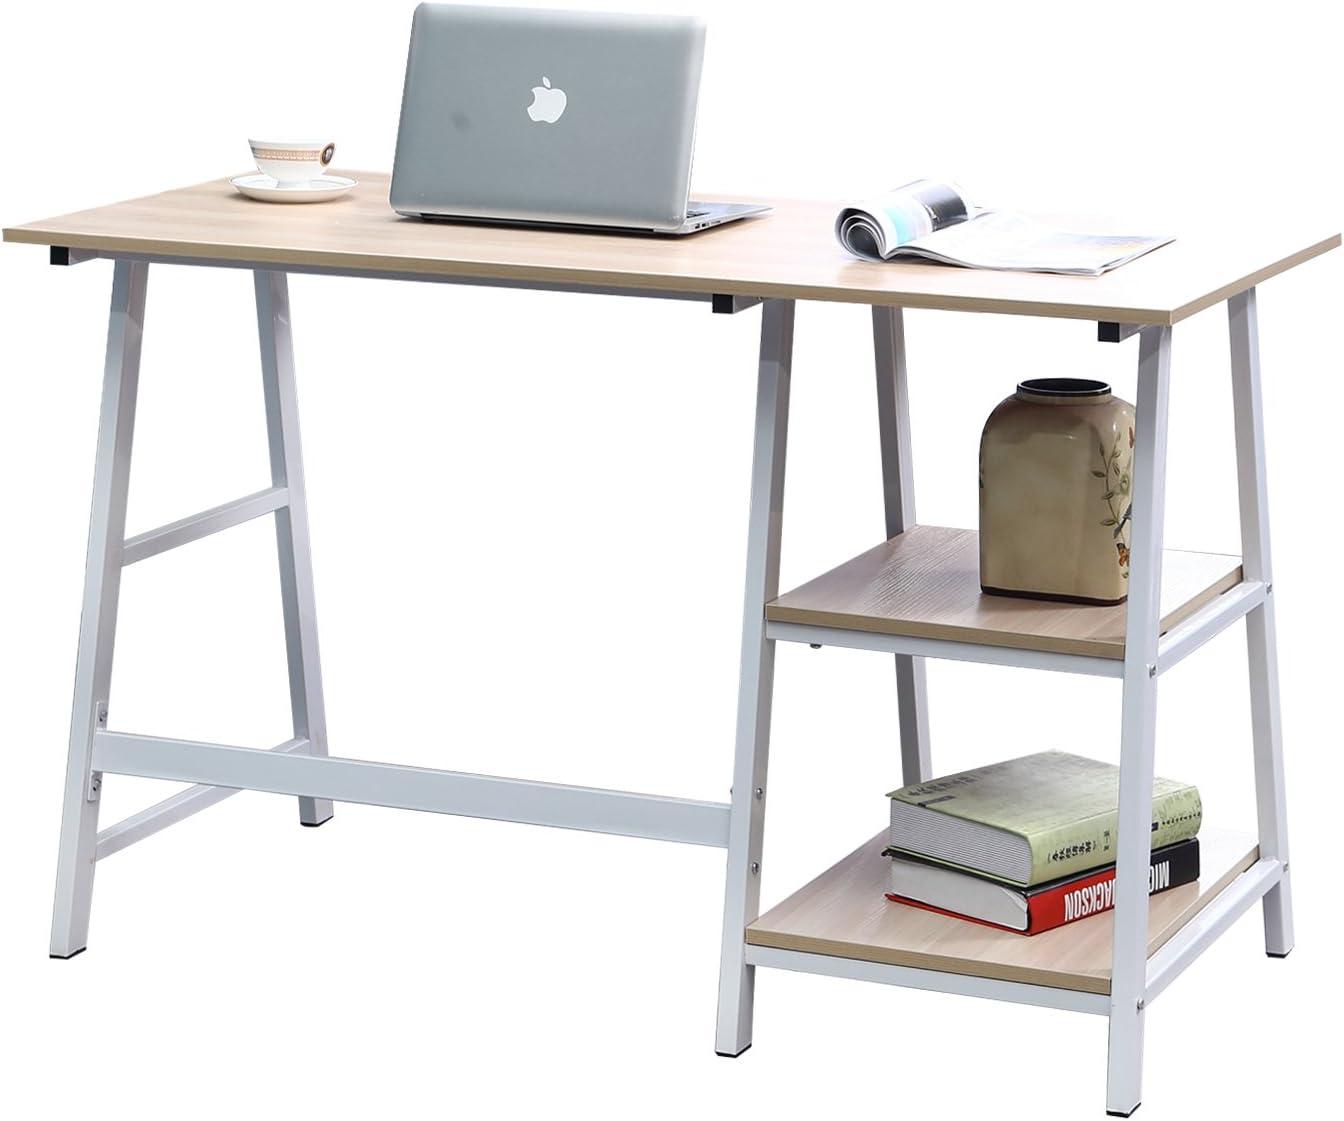 Negro /& Negro DlandHome Escritorio de Madera de 120 60 cm con estantes Mesa de Escritura de Postes de Trabajo para el hogar y la Oficina